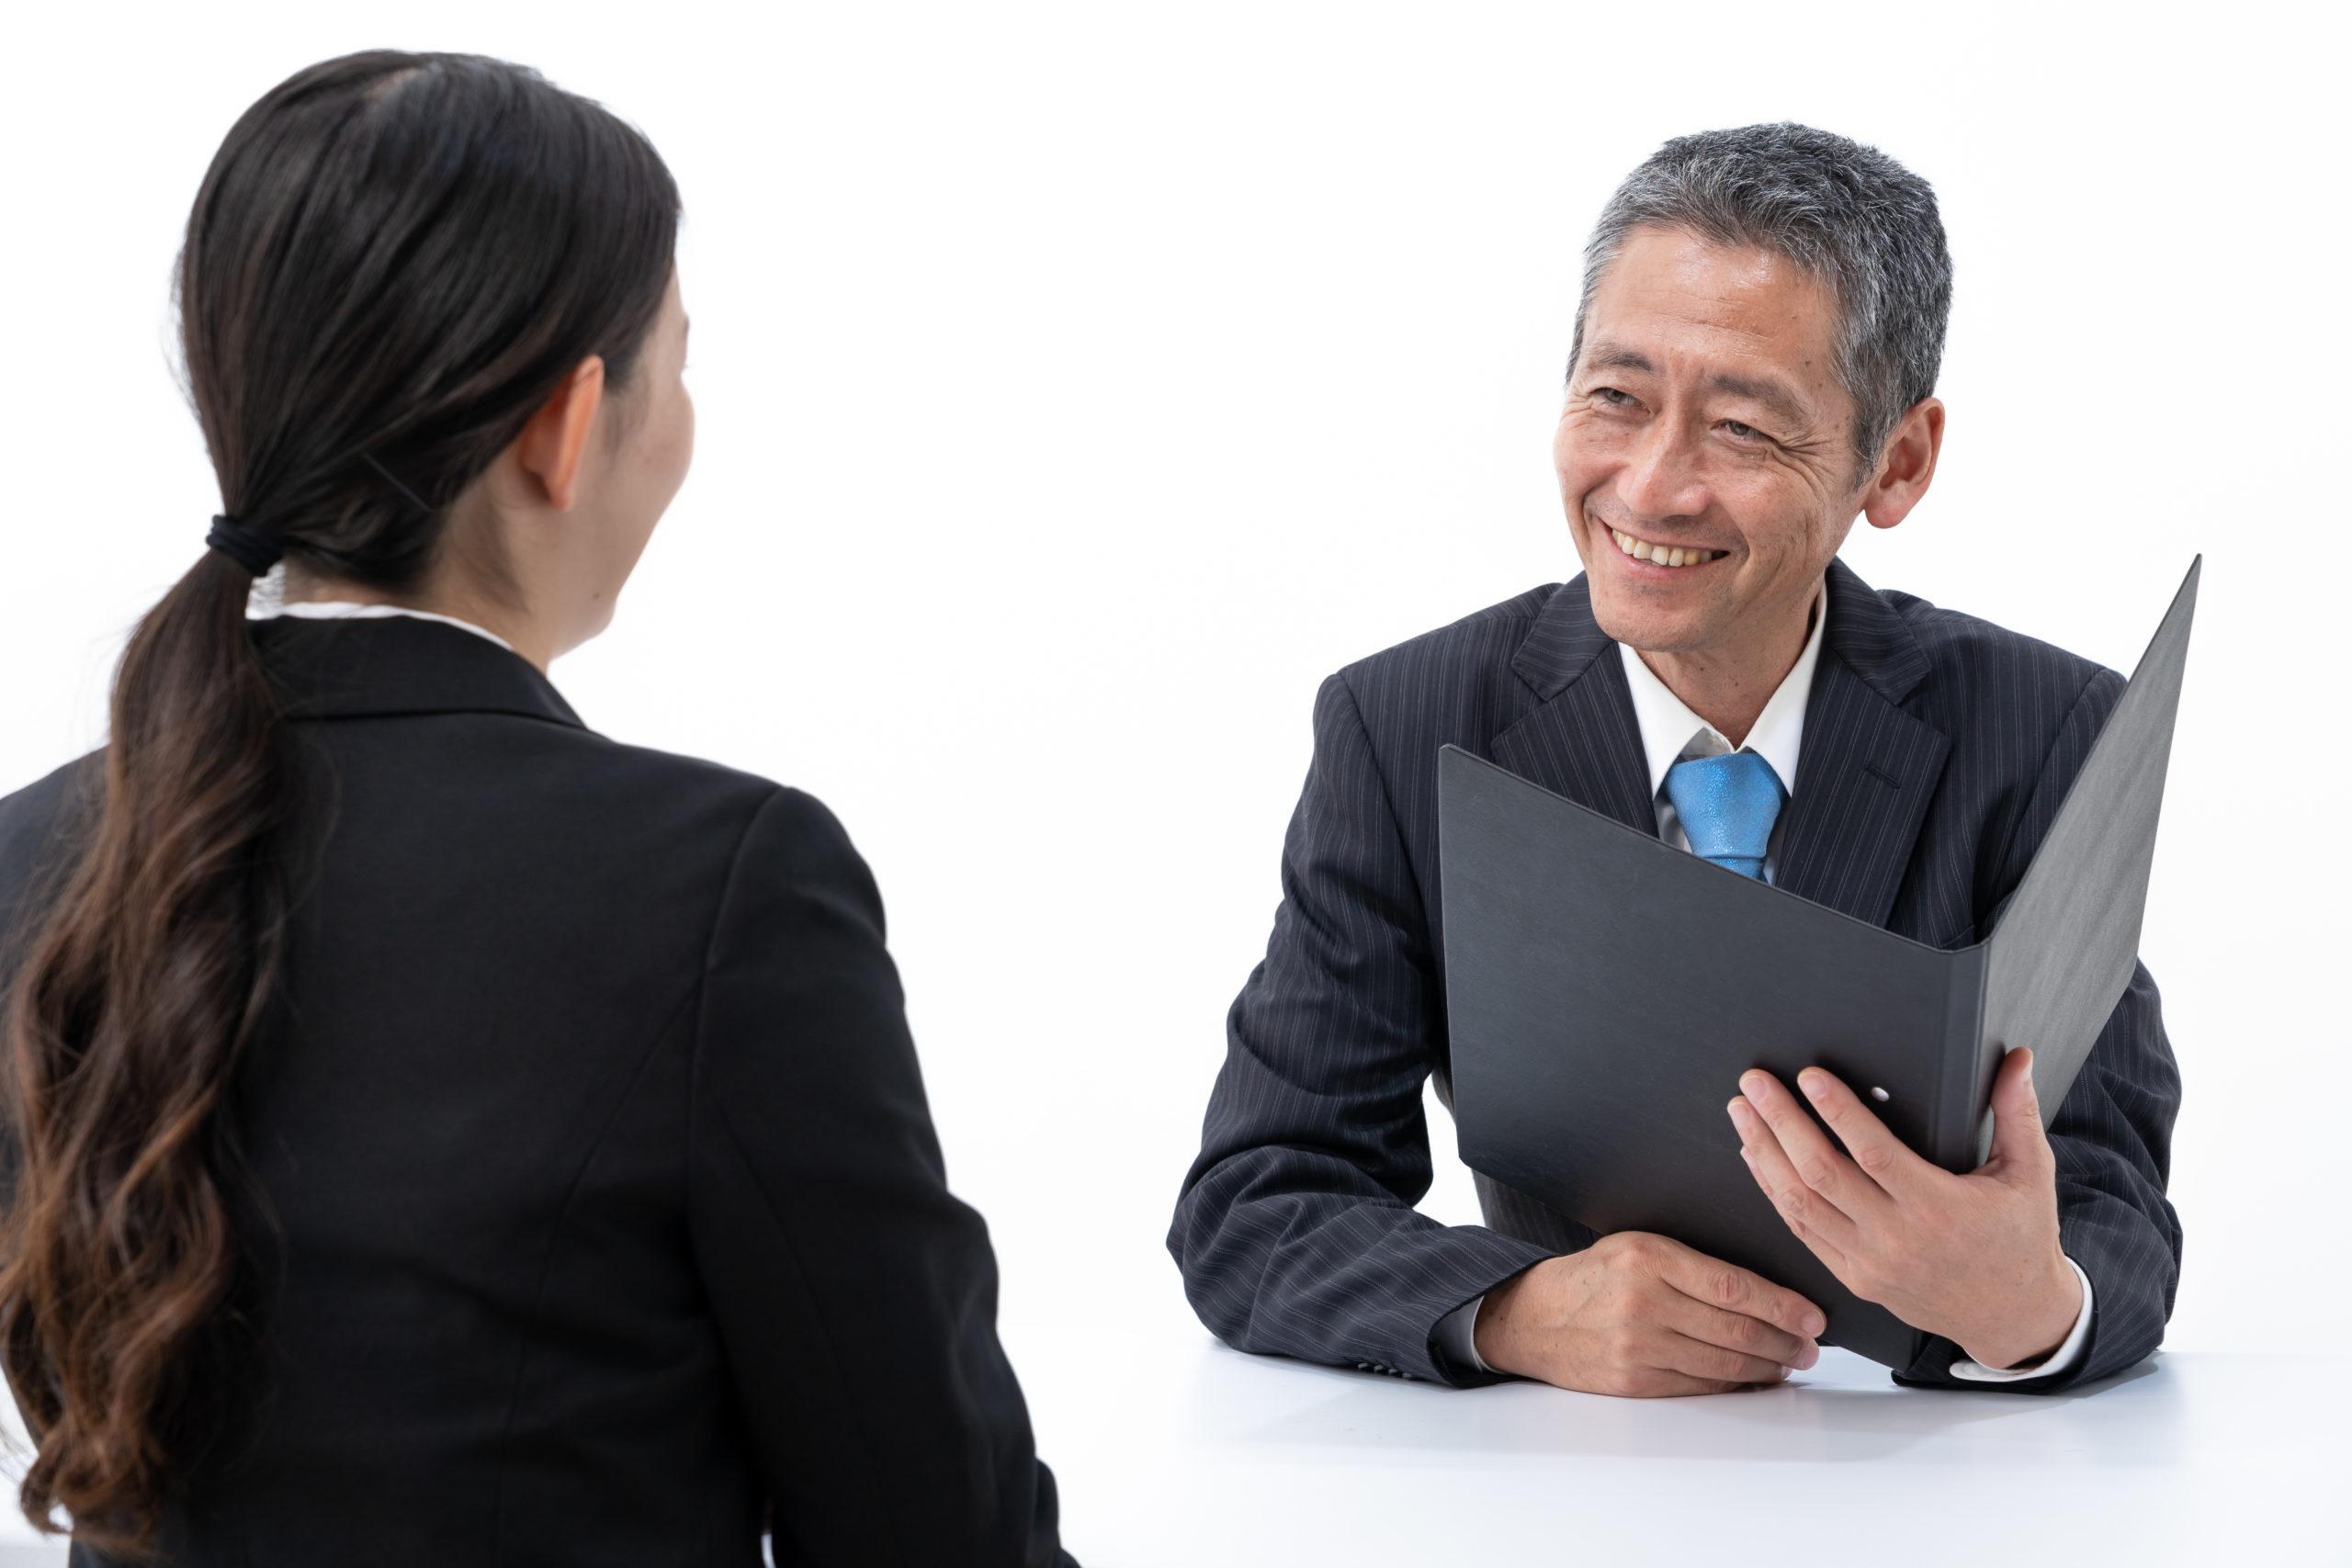 転職の面接で相手に好印象を与えるスーツの着こなし